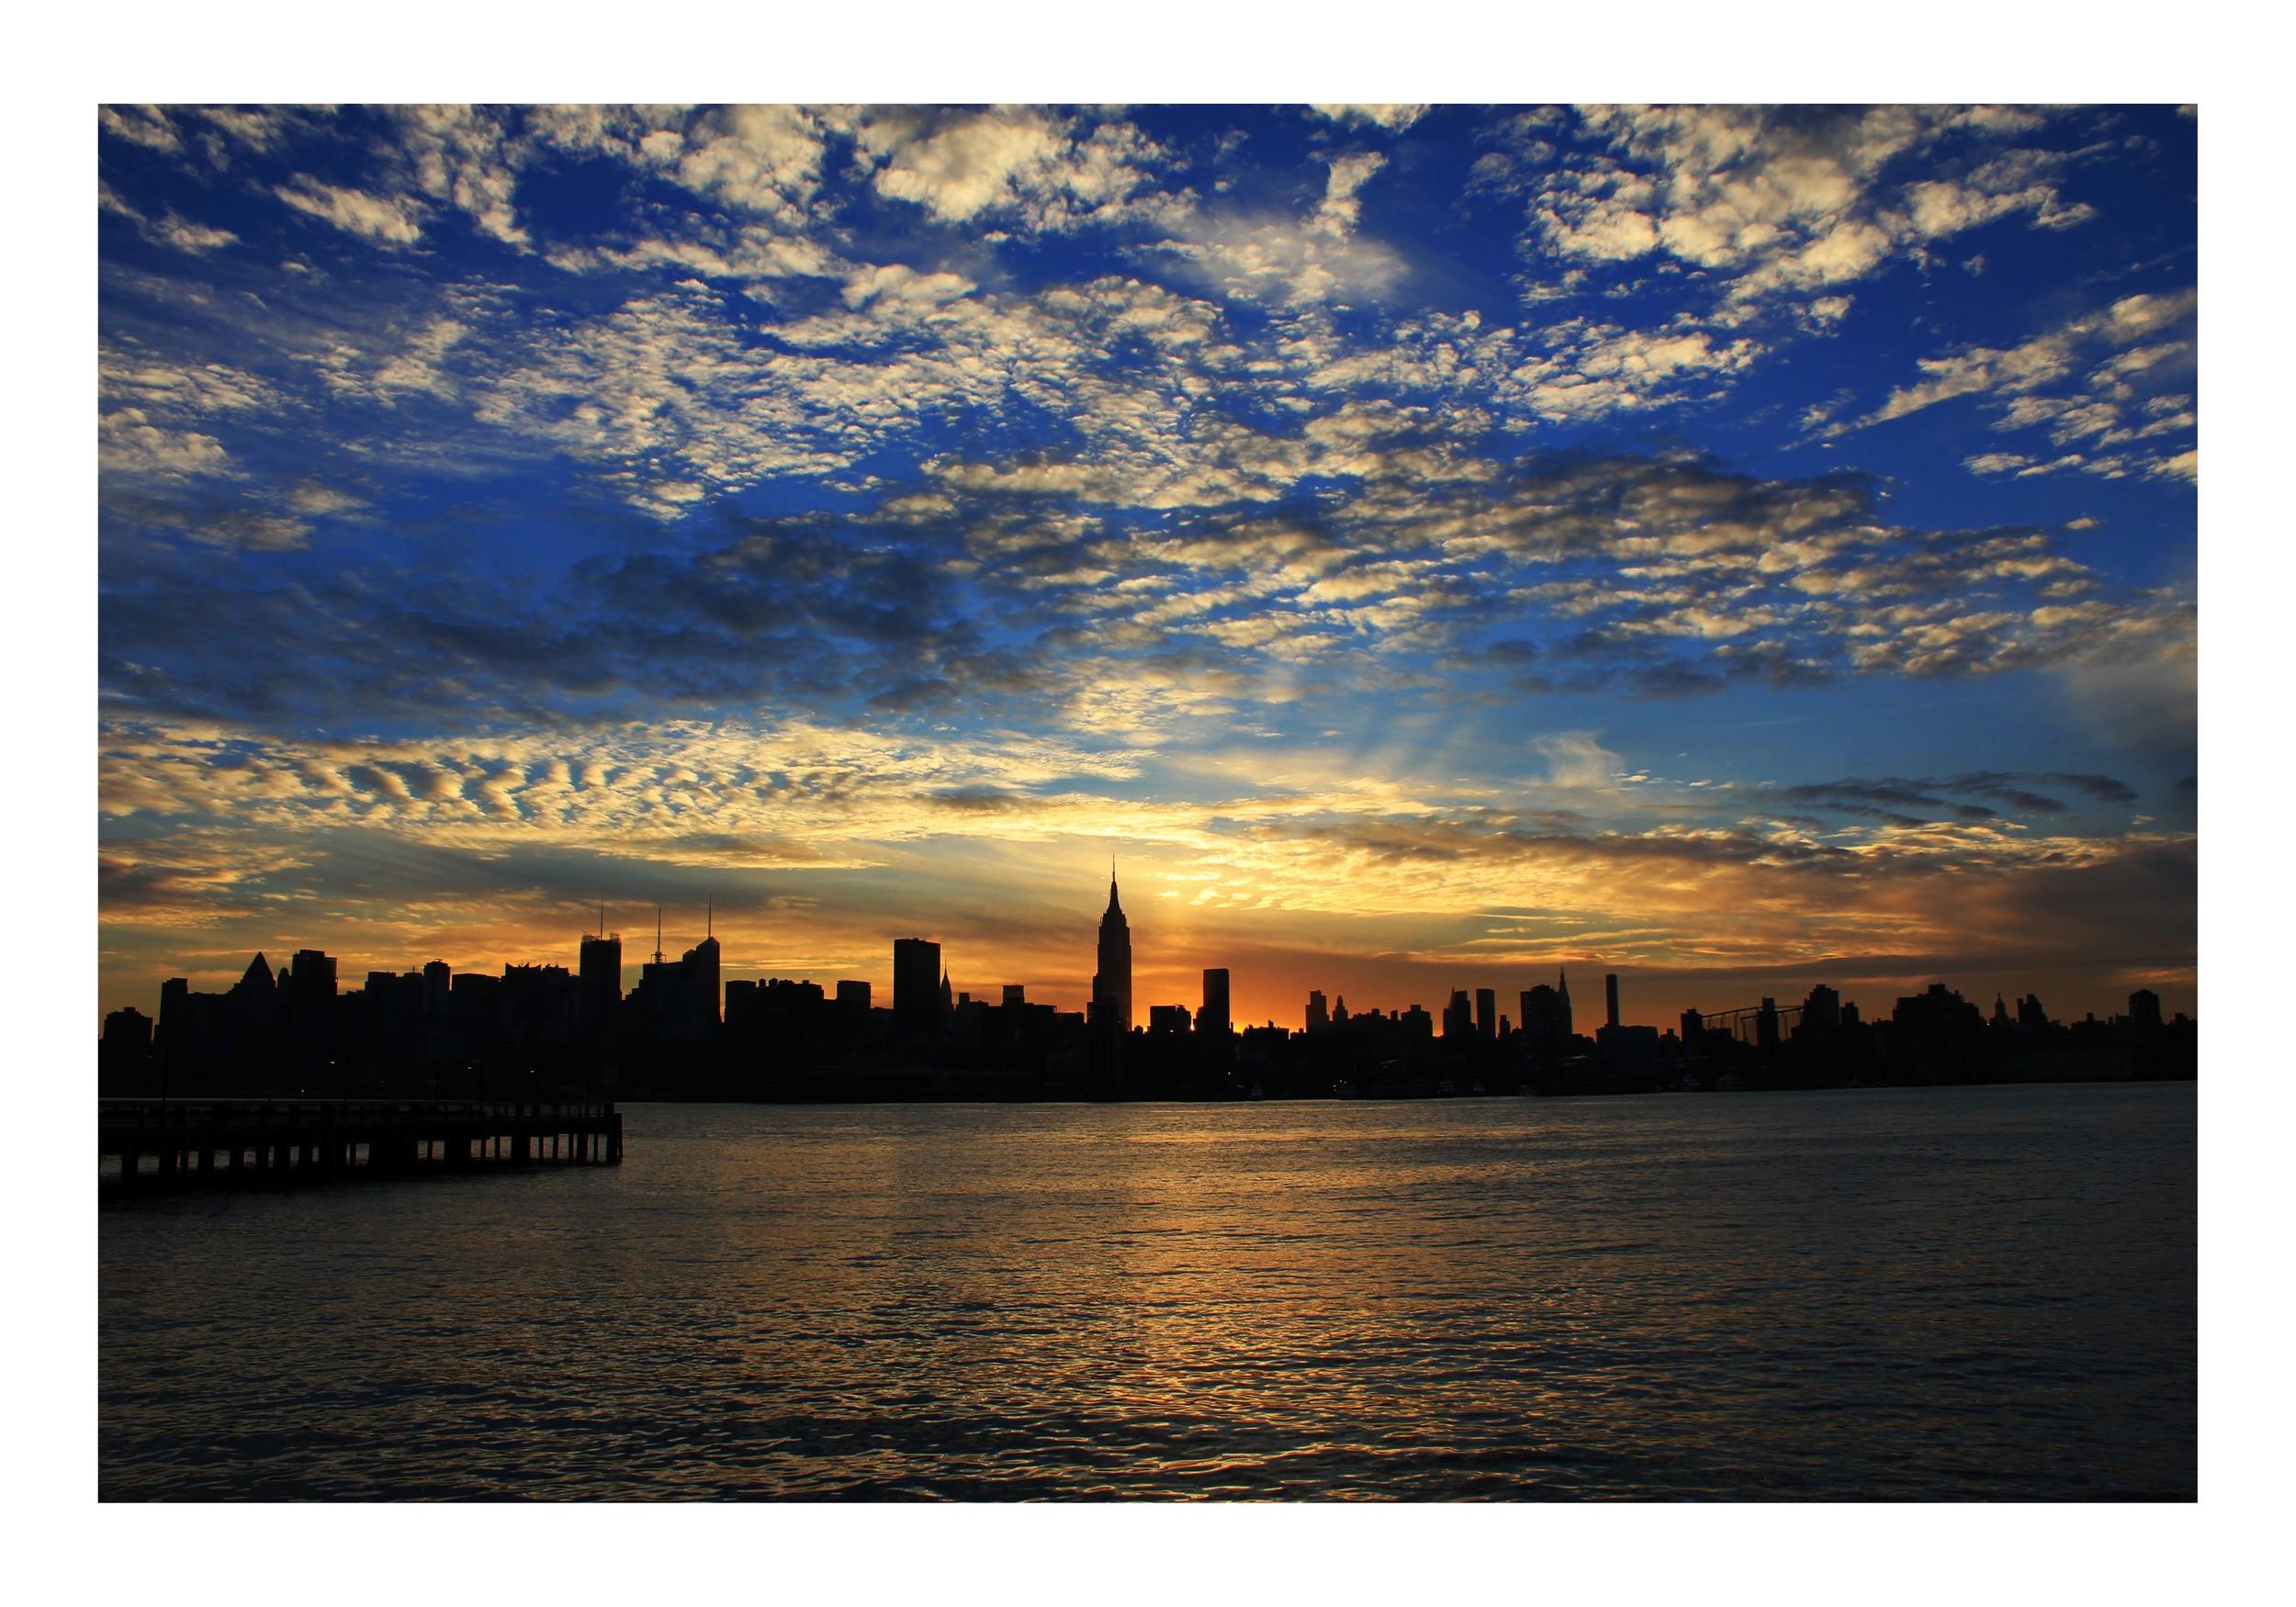 Sonnenaufgang_Teil2 Kopie.jpg